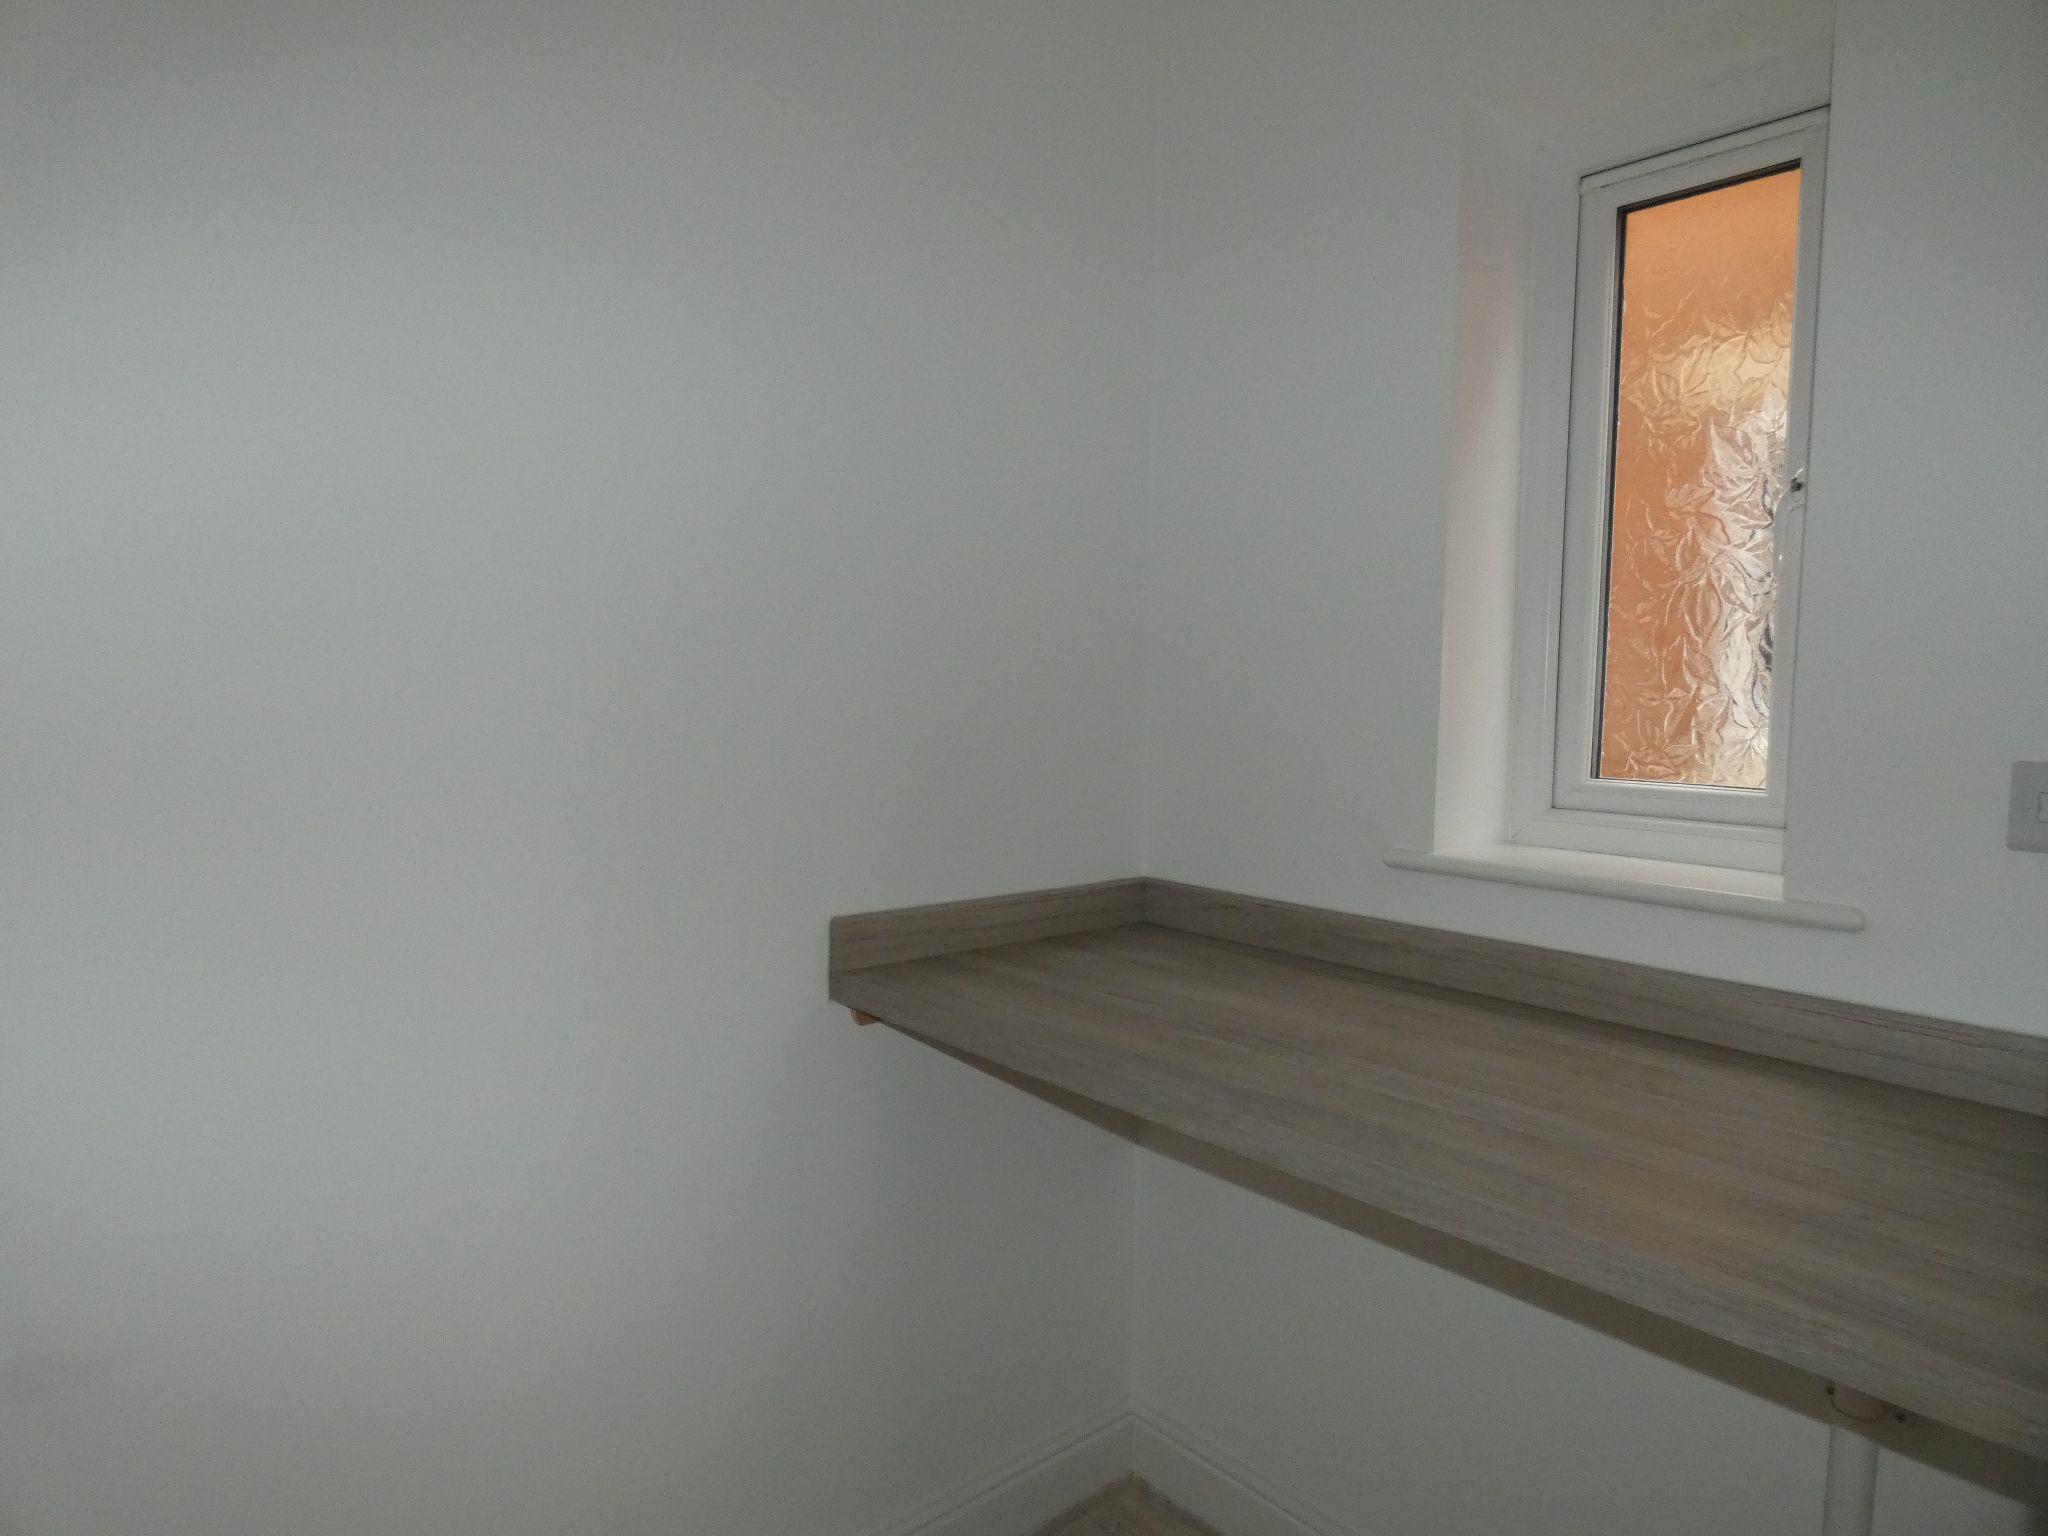 2 bedroom detached bungalow SSTC in Bishop Auckland - Utility Room.